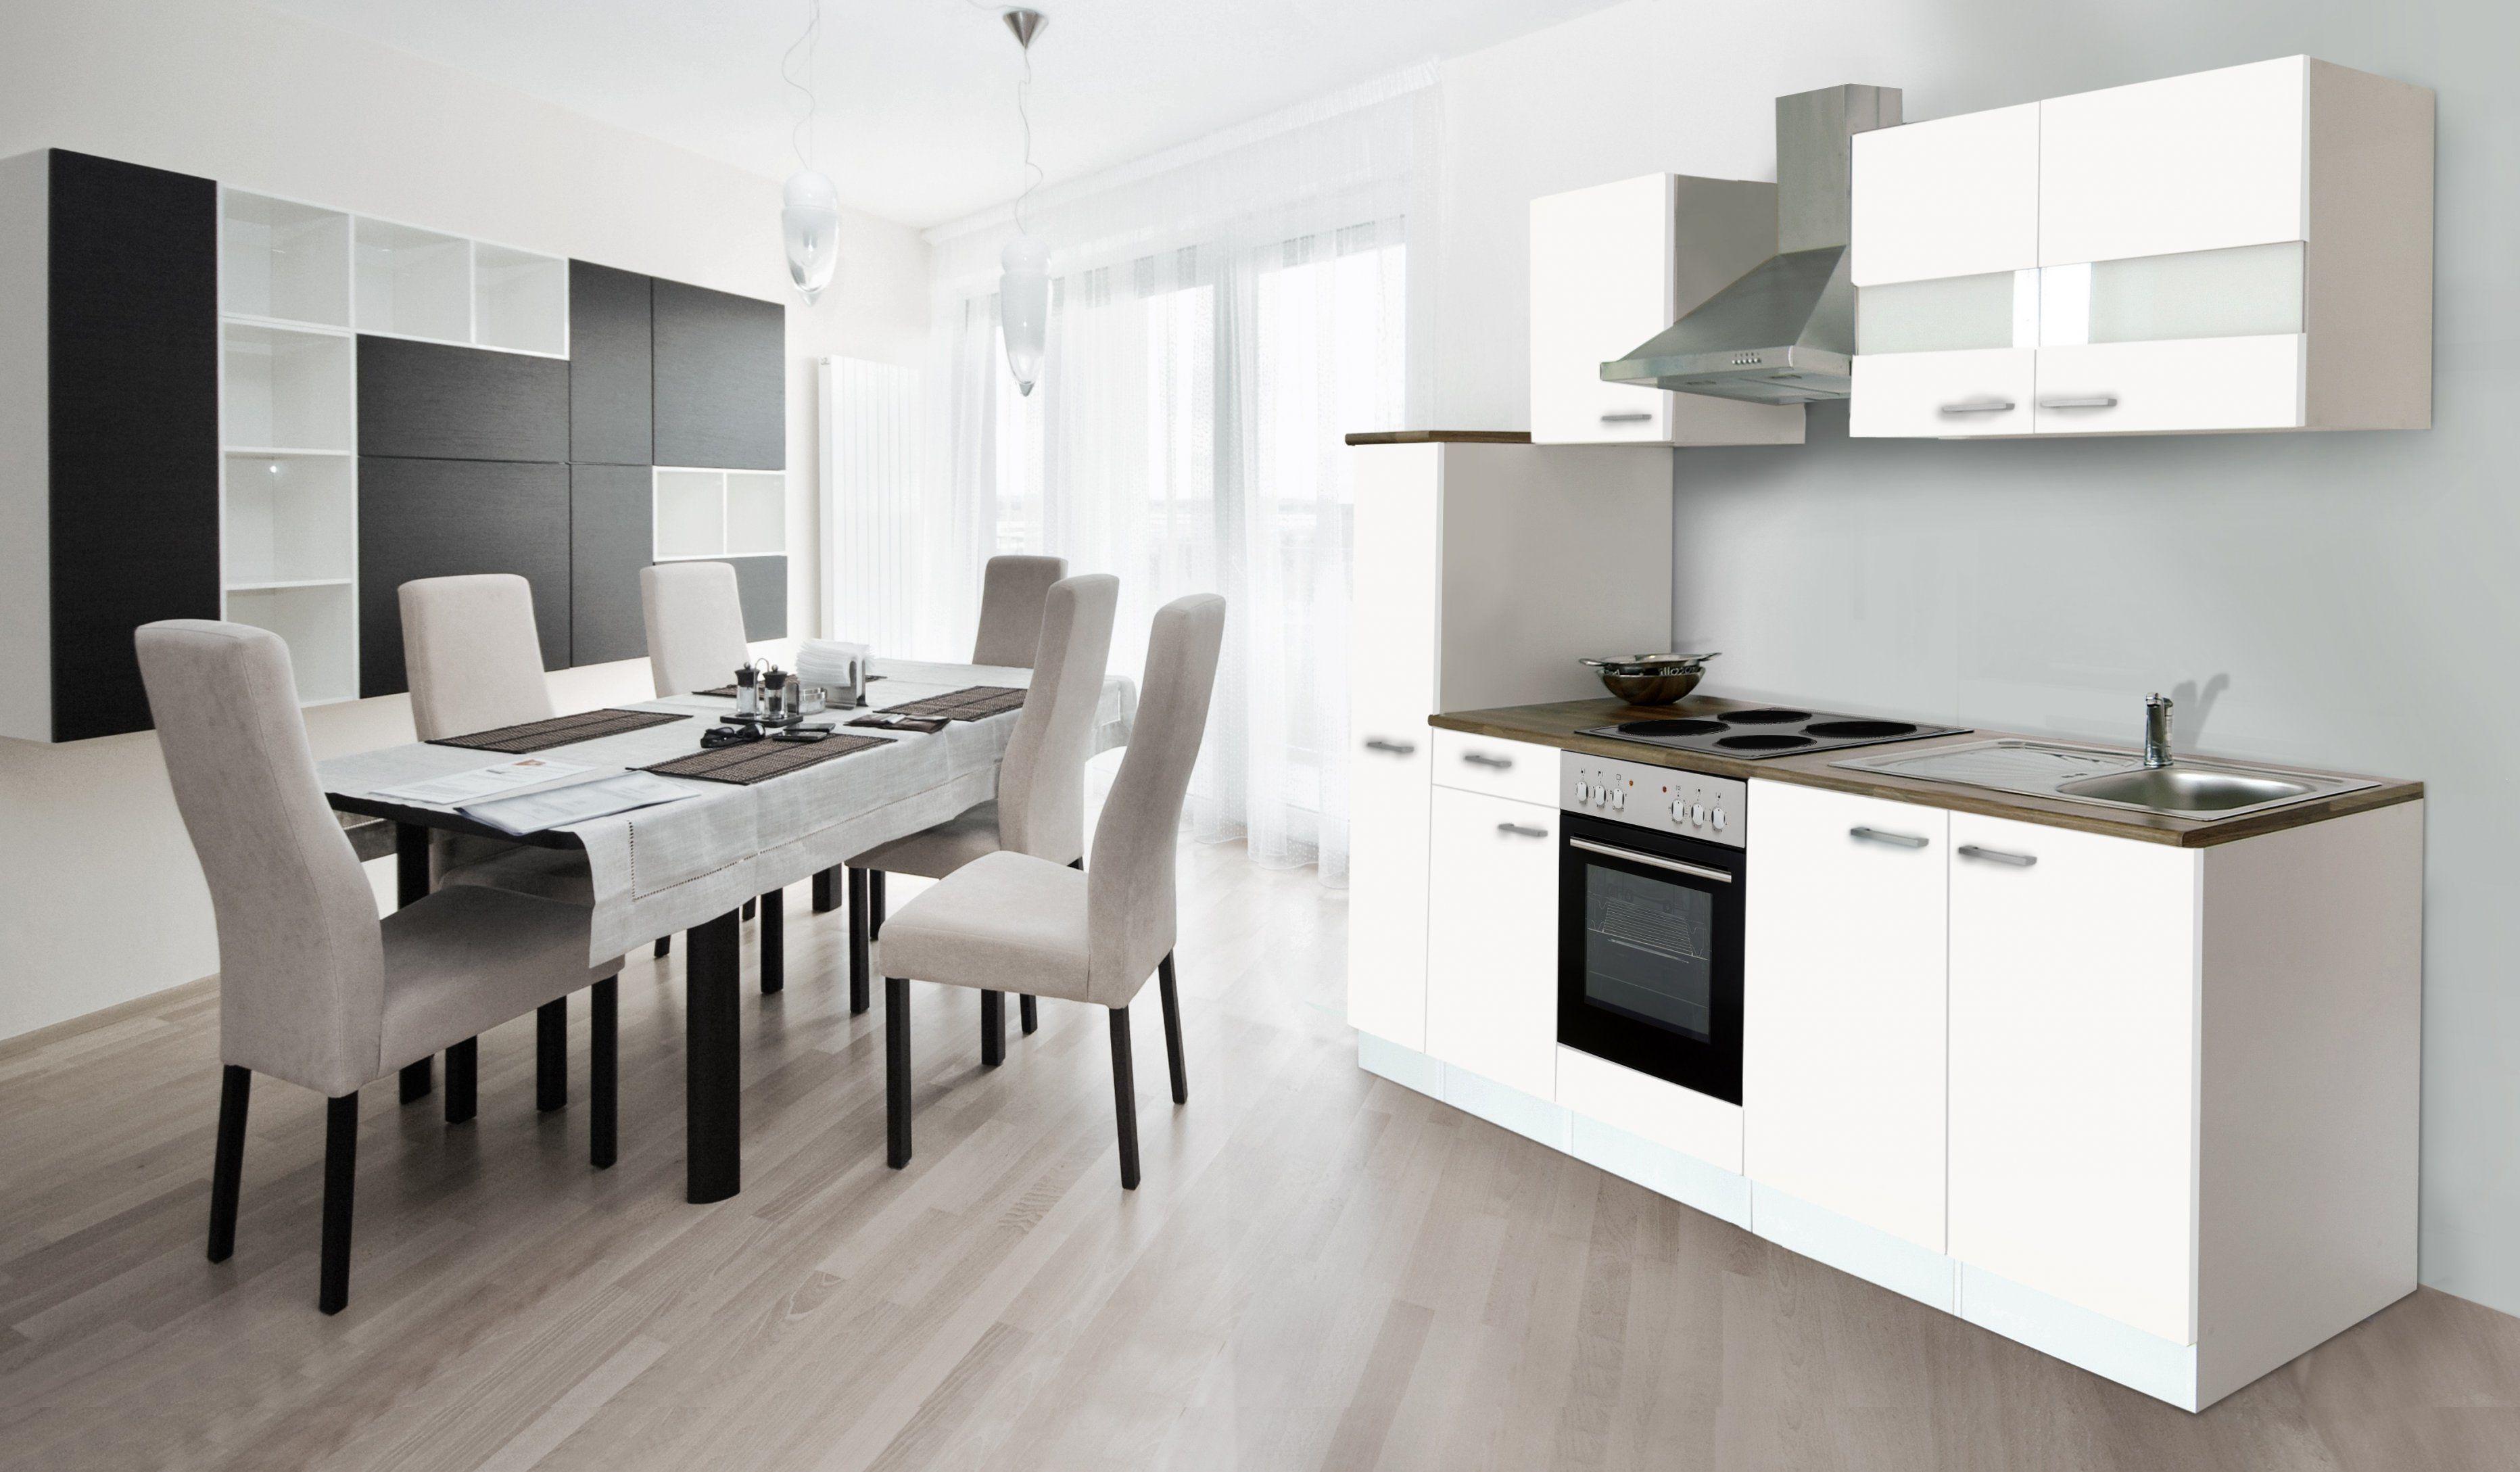 Kuchenzeile 240 Cm Mit Kuhlschrank Kuchenzeilen Kleiner Kuchentisch Kleiner Tisch Und Stuhle